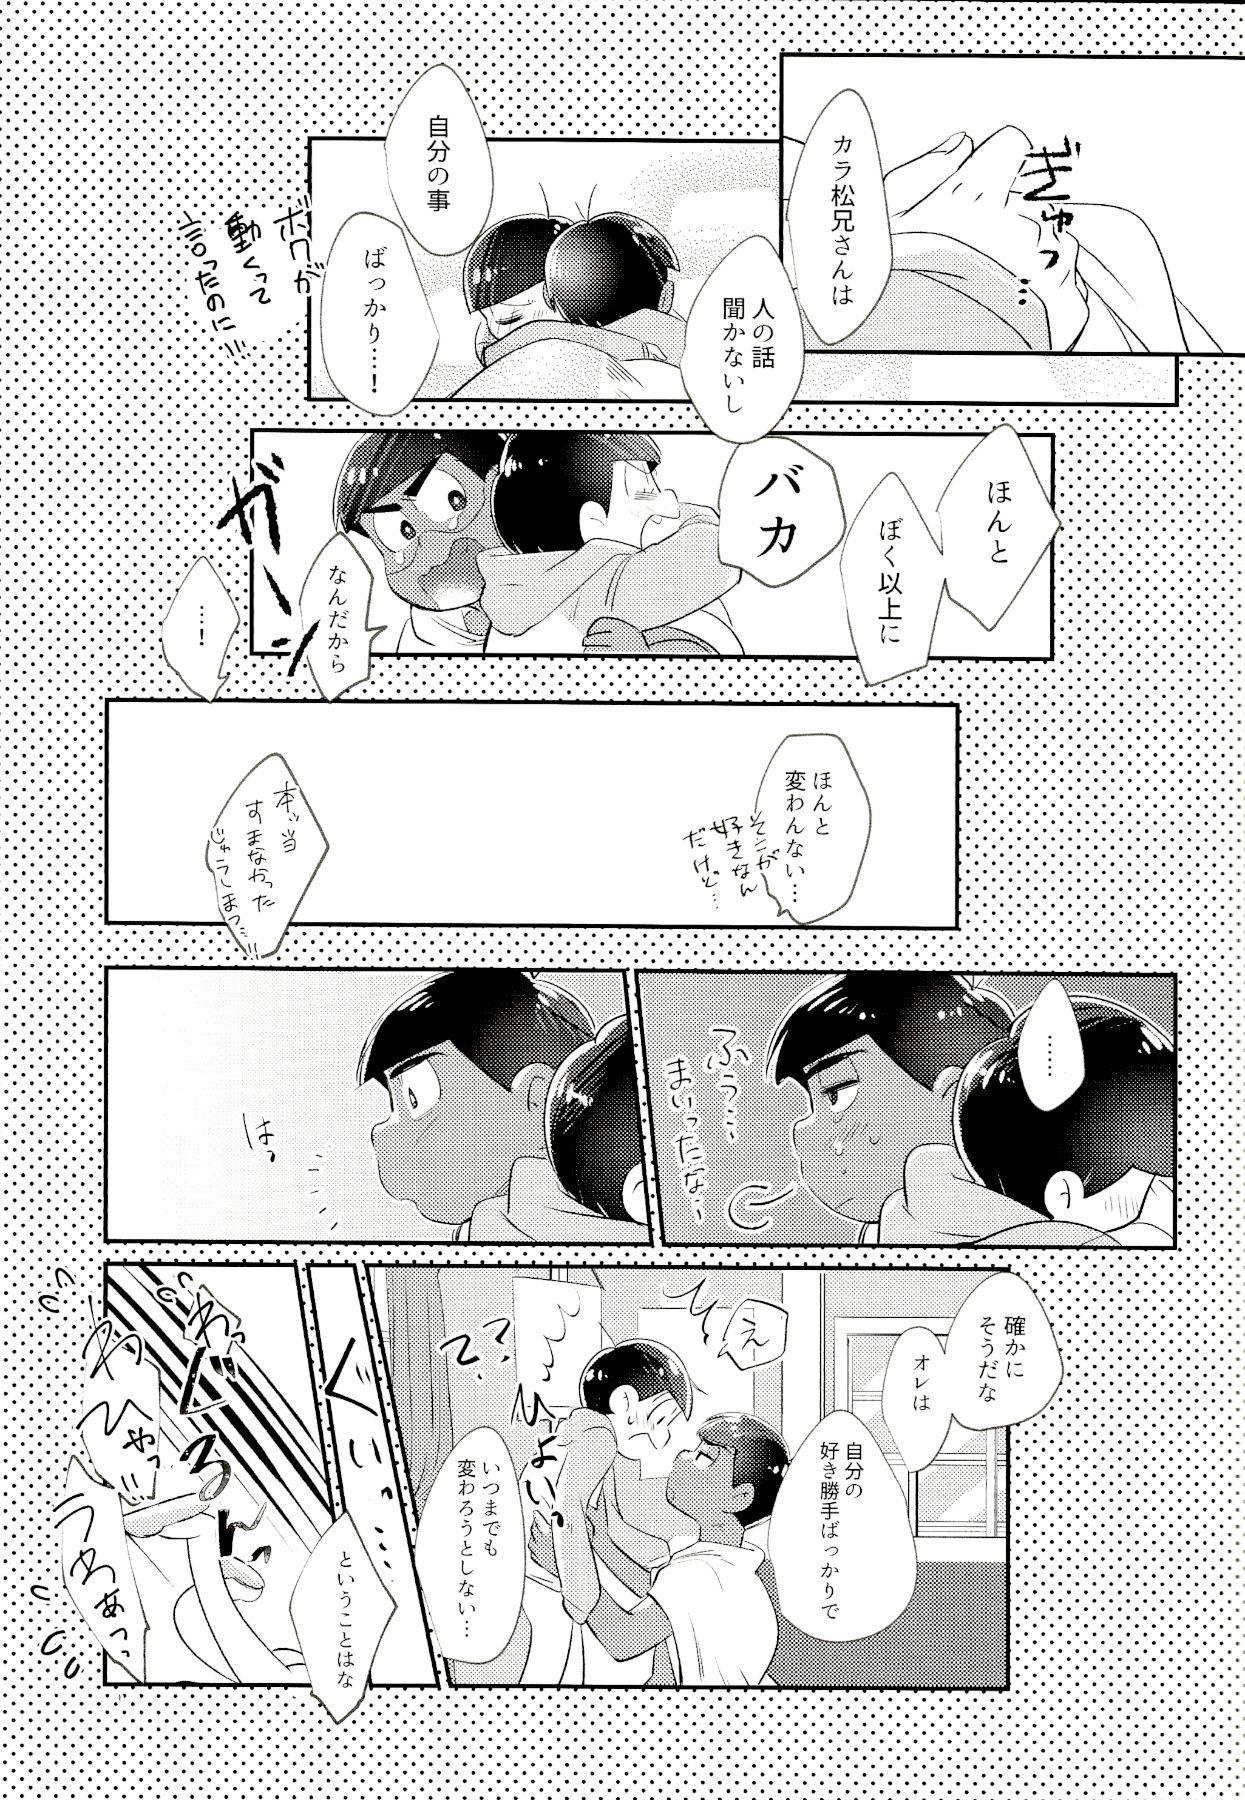 My Riru Juushimatsu ga Summer Kamen to xx Shitaidato!? 23